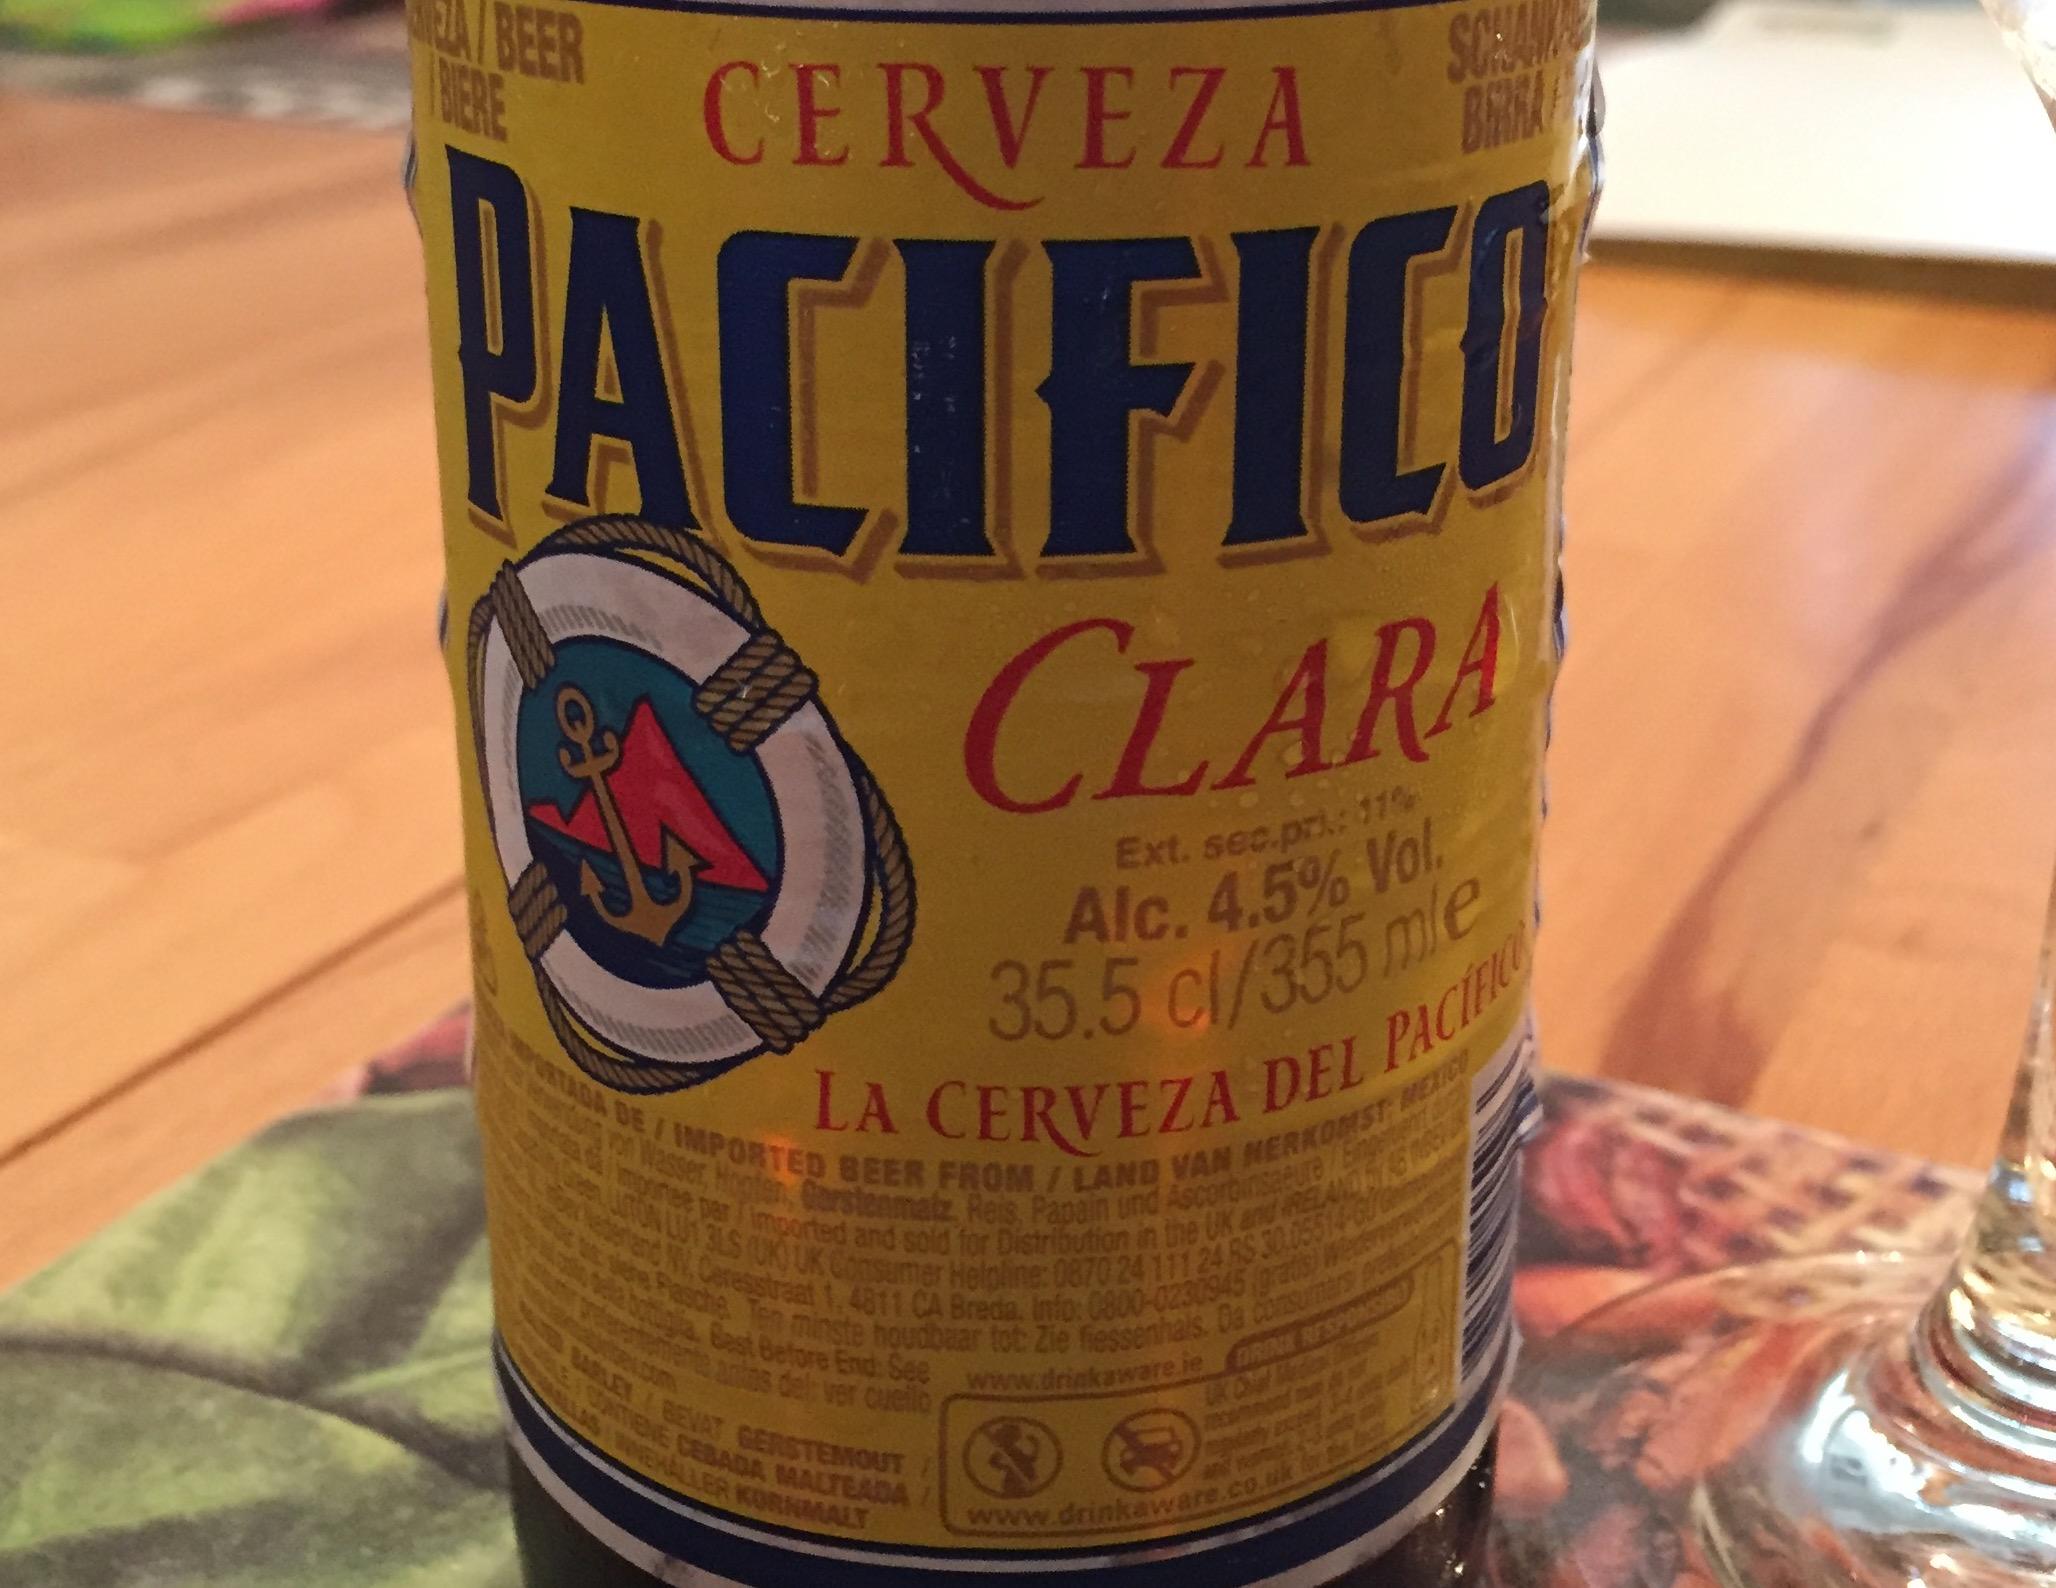 Pacifico - Classic